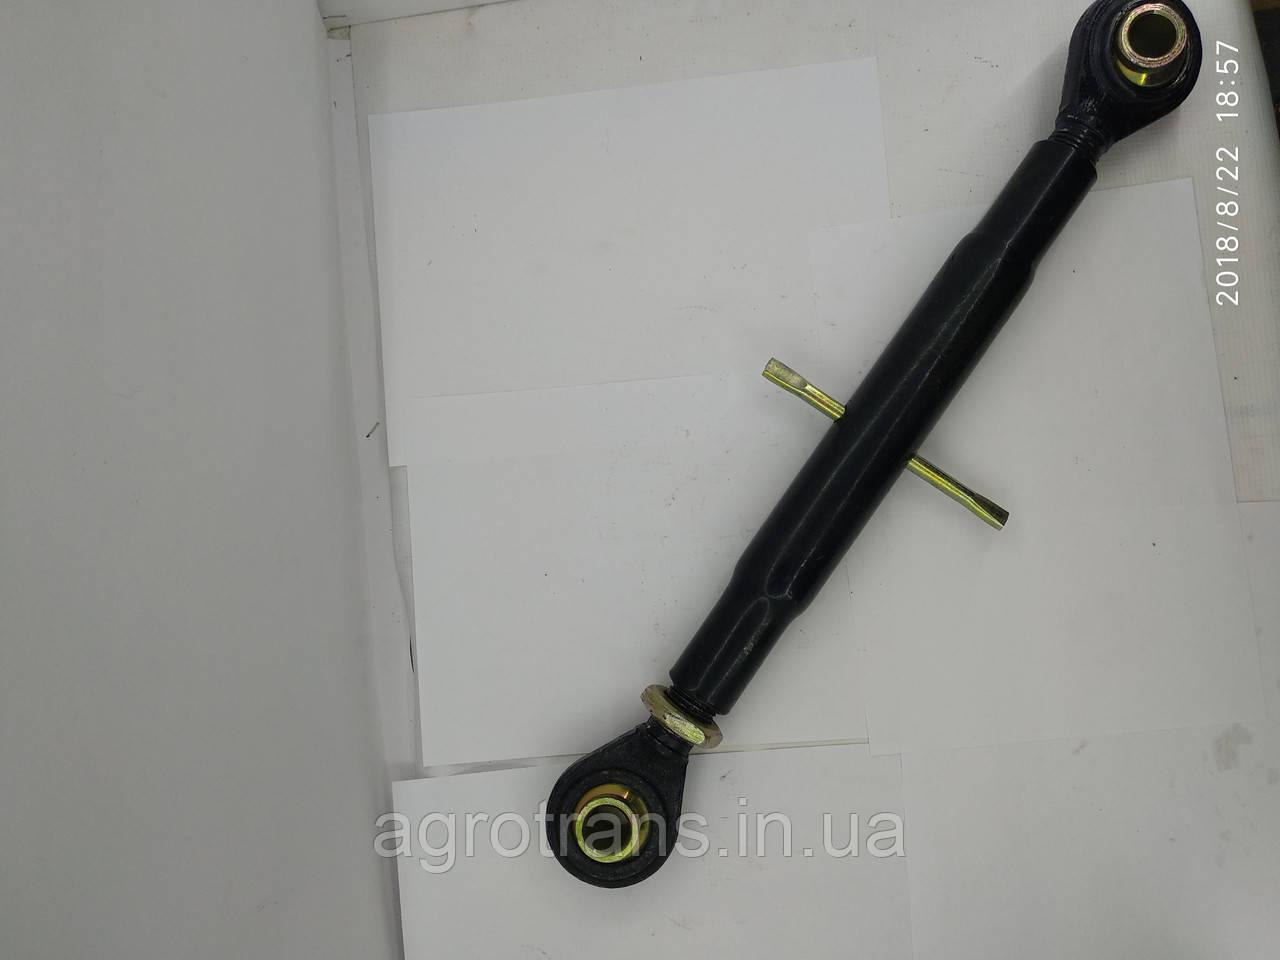 Верхняя тяга центральная задней навески МТЗ-80,82,1221. А61.03.000